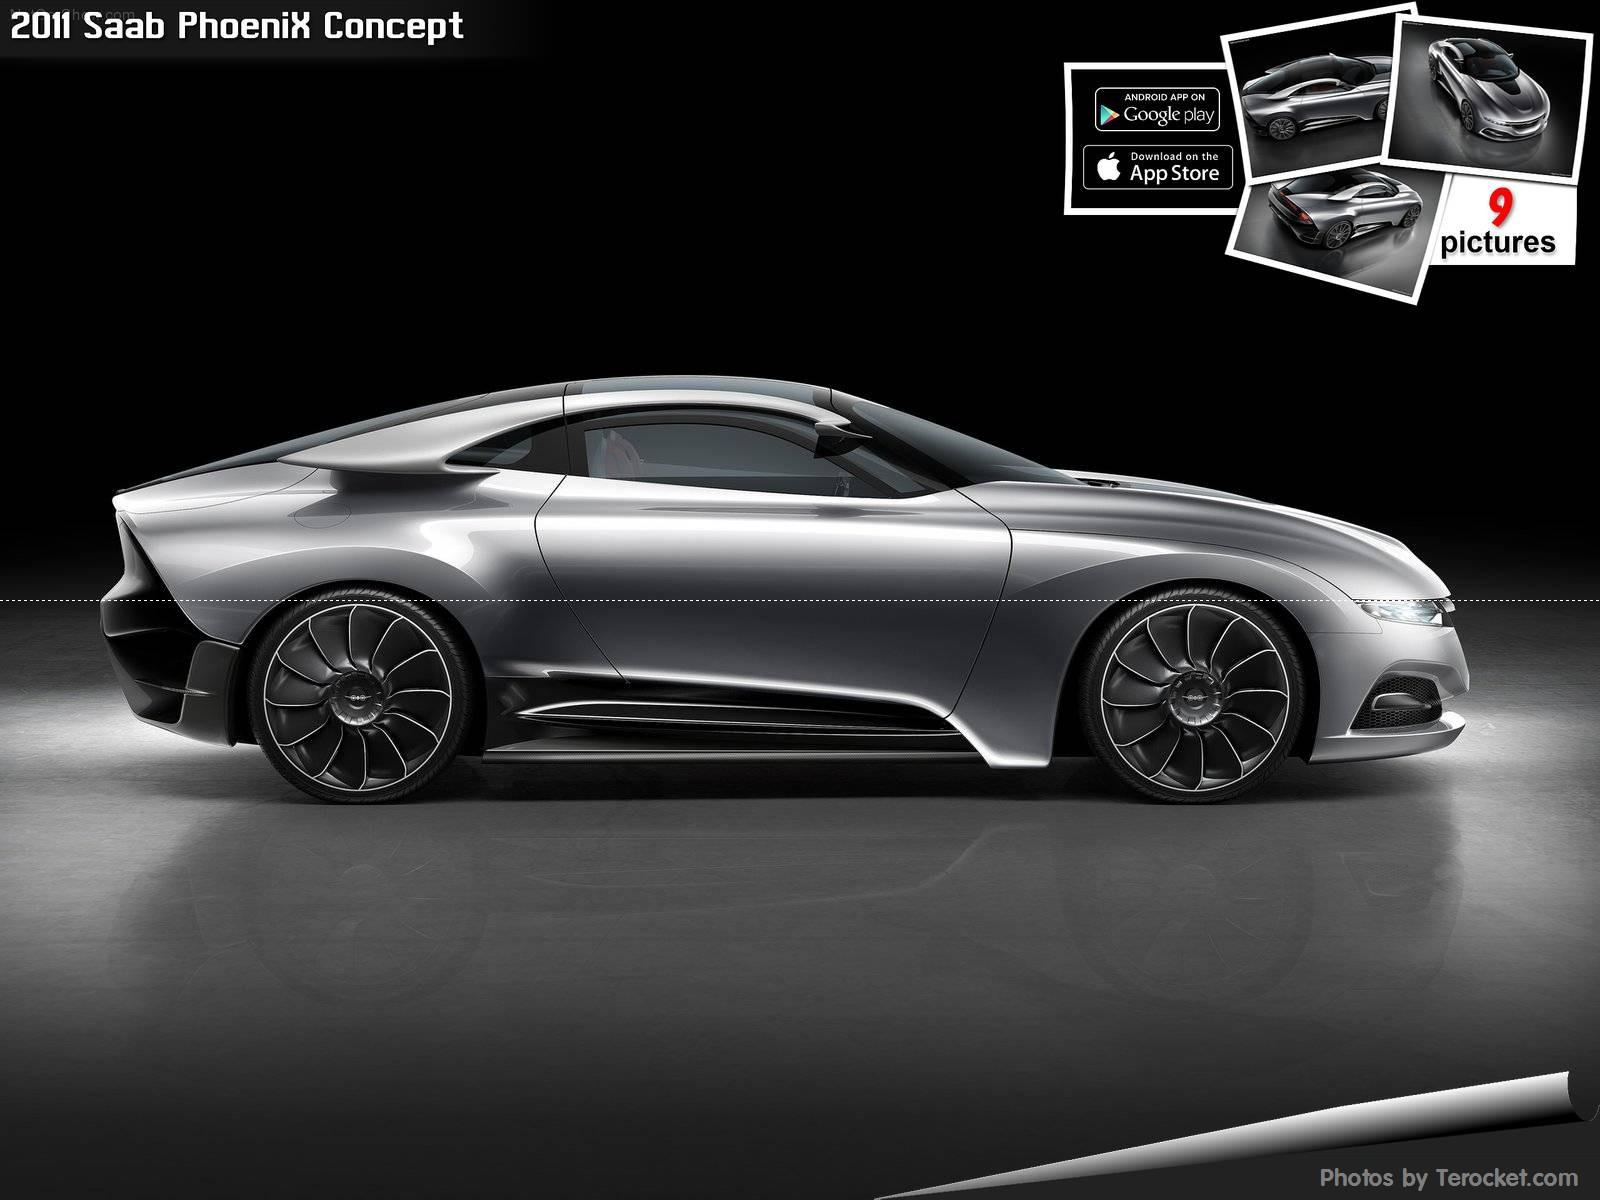 Hình ảnh xe ô tô Saab PhoeniX Concept 2011 & nội ngoại thất